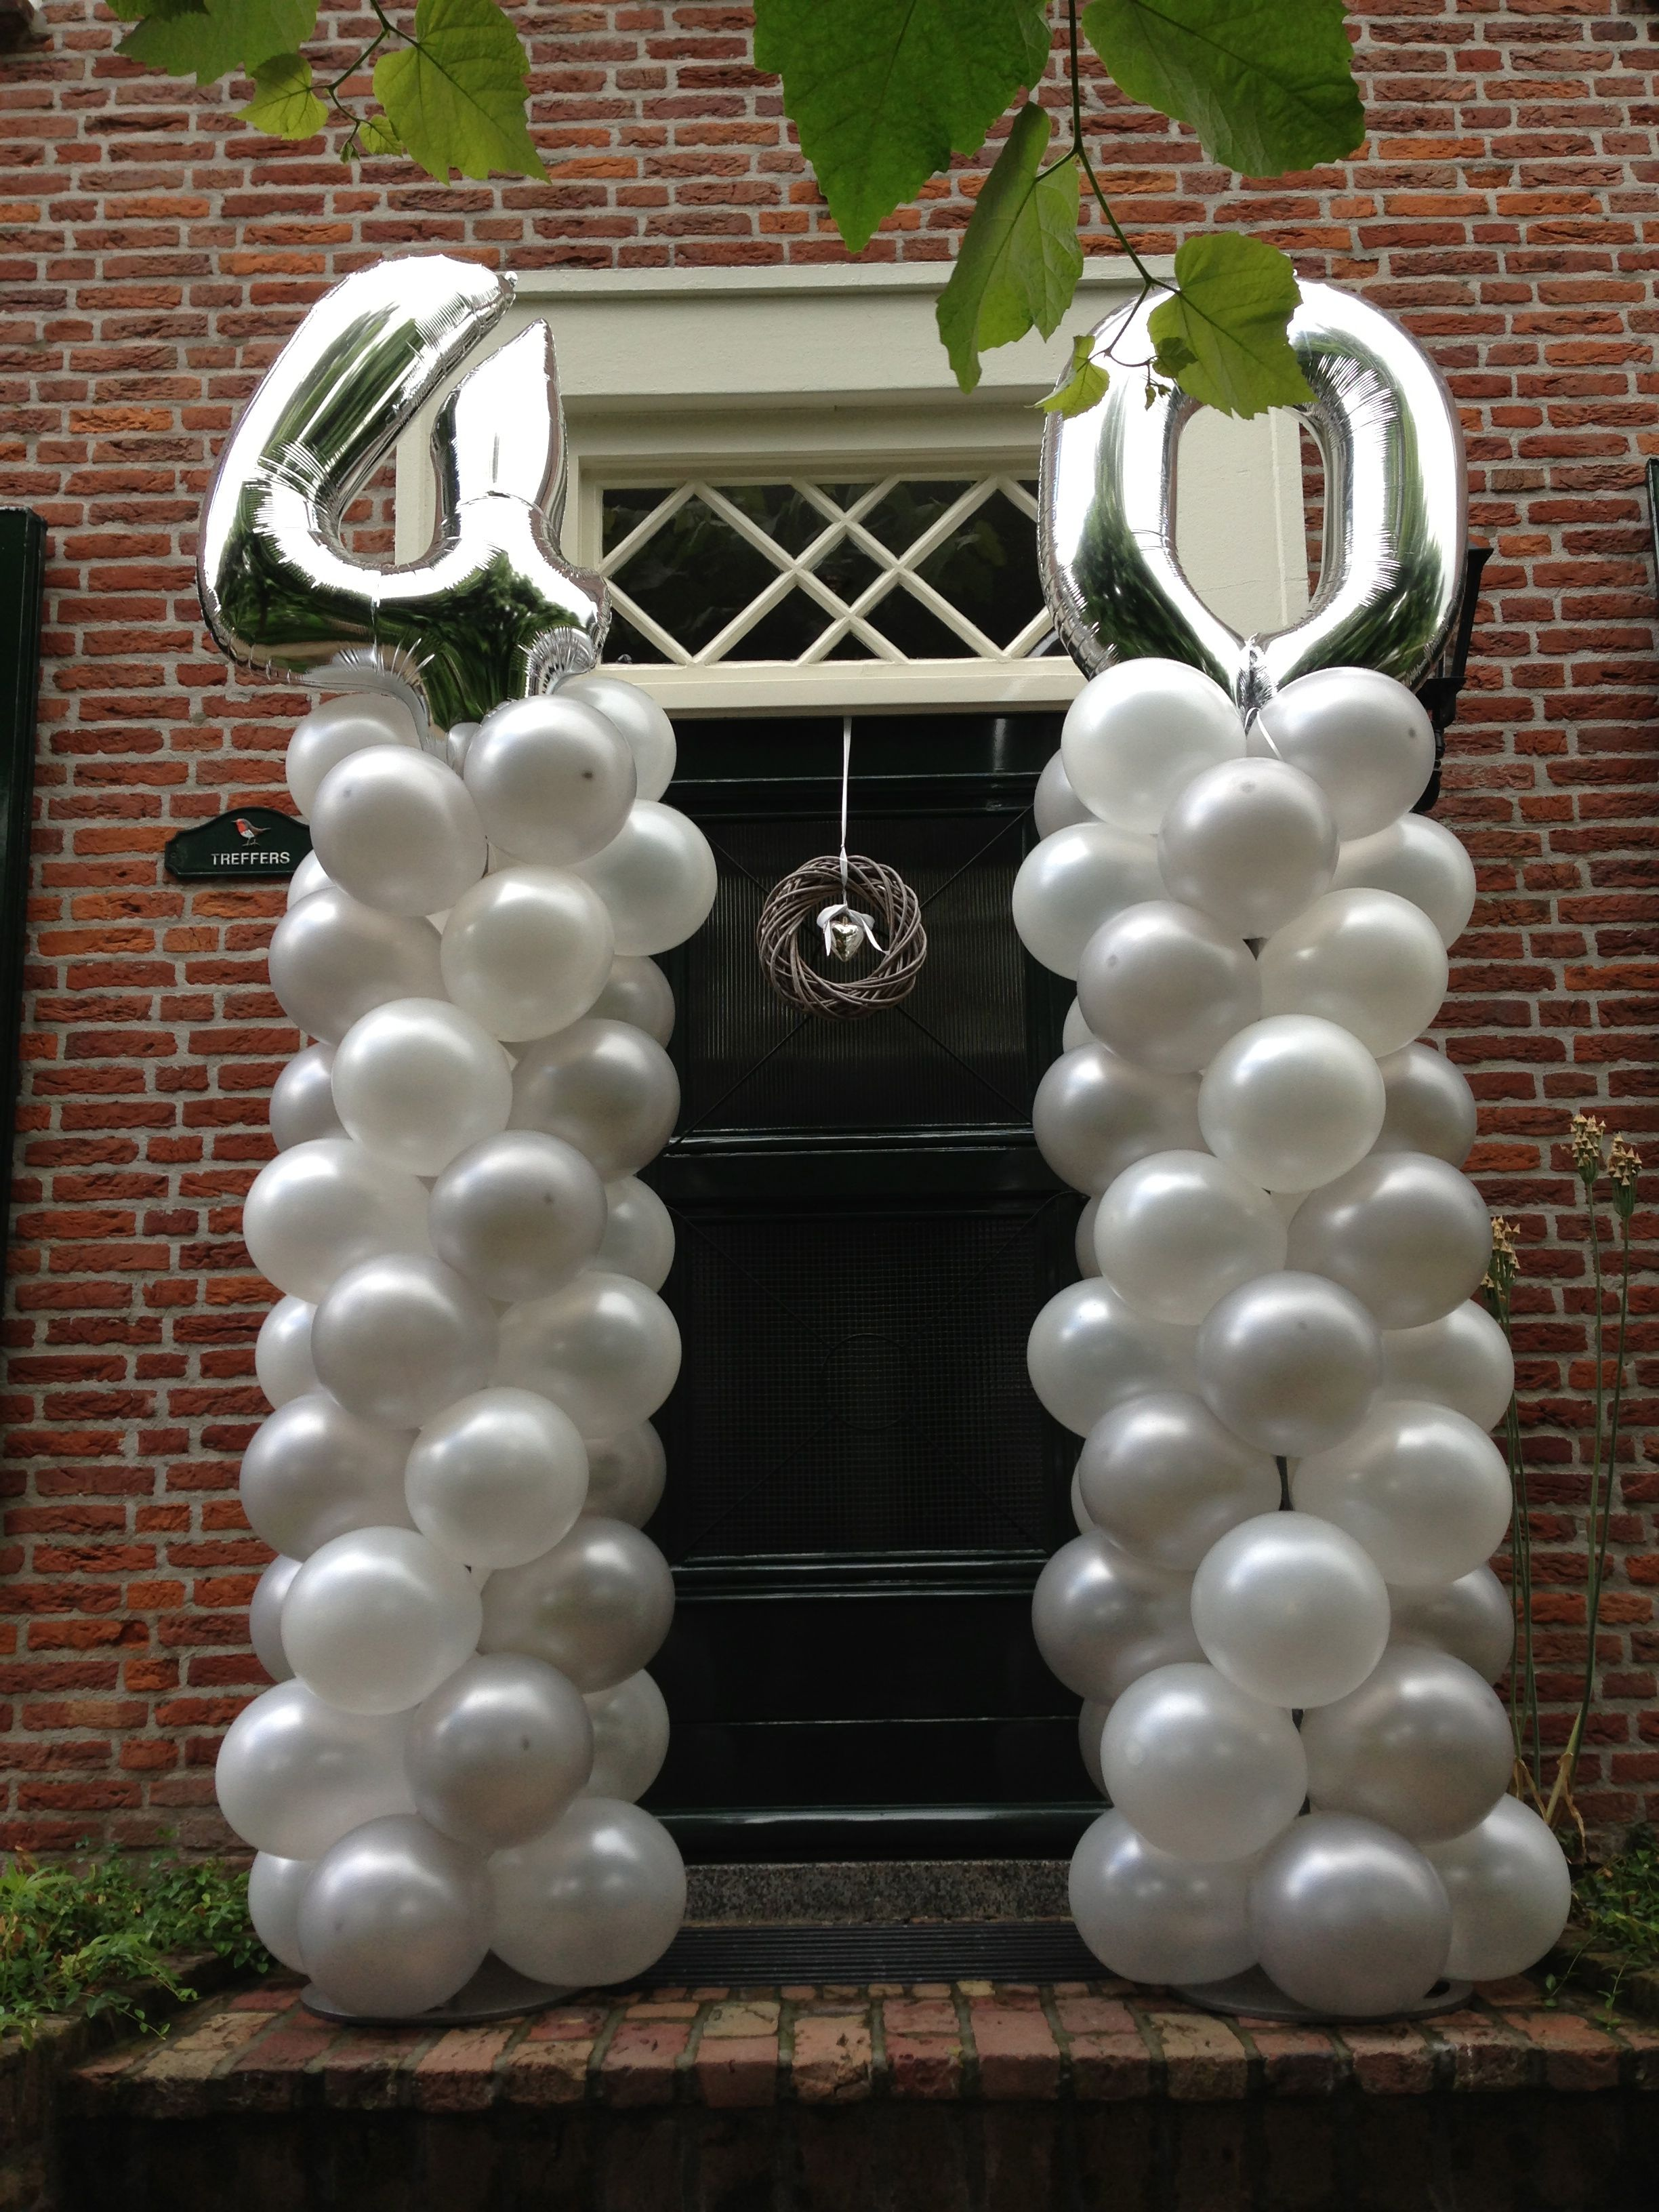 versieringen 40 jarig huwelijk 40 jarig huwelijk | Ballon Columns | Pinterest versieringen 40 jarig huwelijk